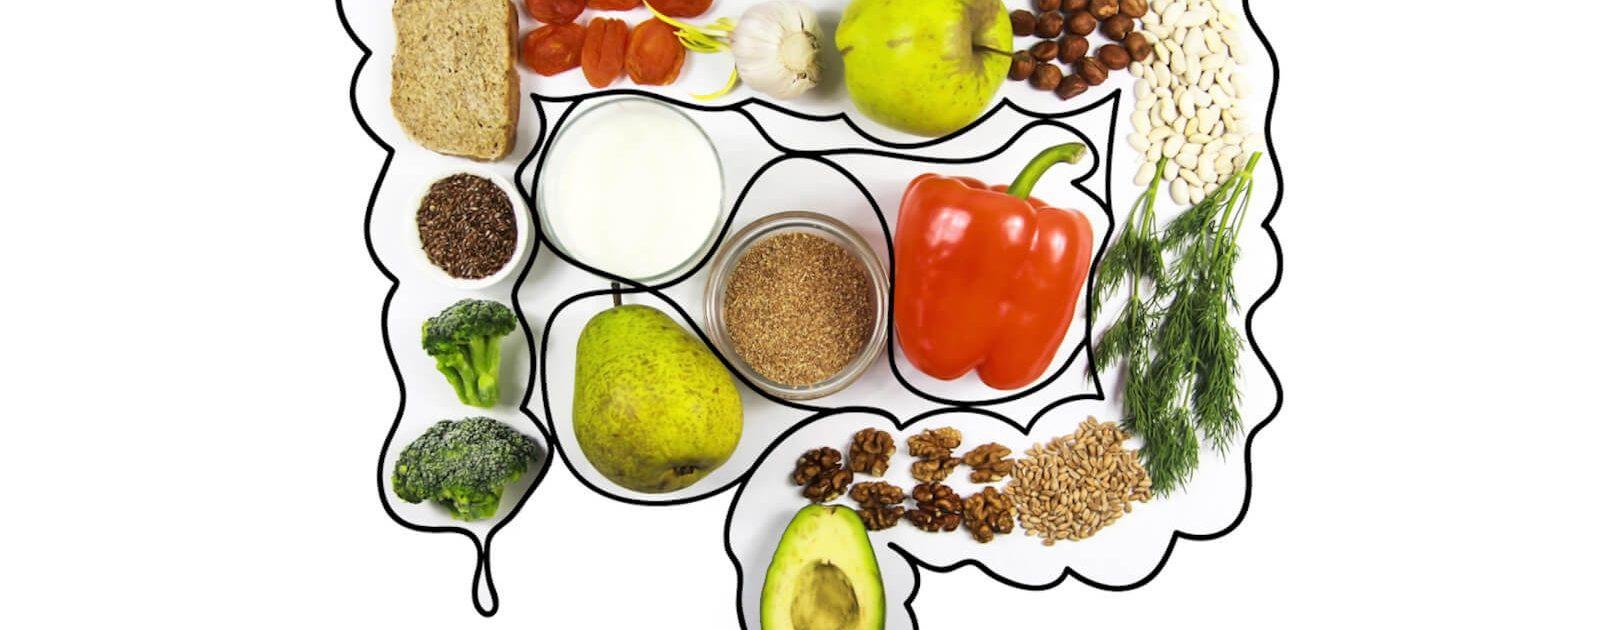 Bildhafte Darstellung eines Darms mit Lebensmitteln: Bei Morbus Crohn sollten Betroffene auf bestimmte Speisen und Getränke verzichten.